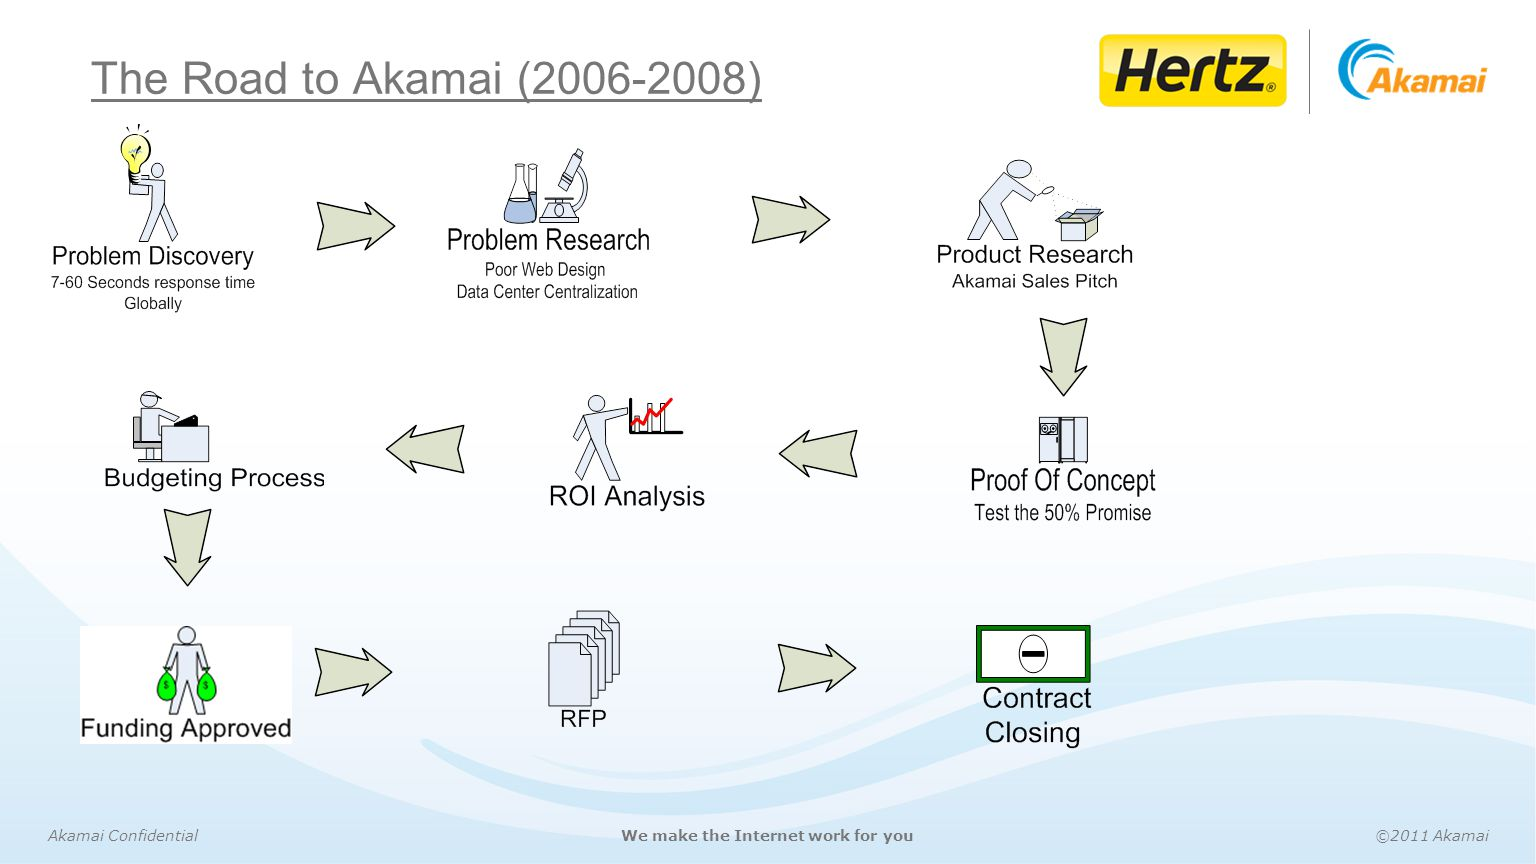 The Road to Akamai (2006-2008)